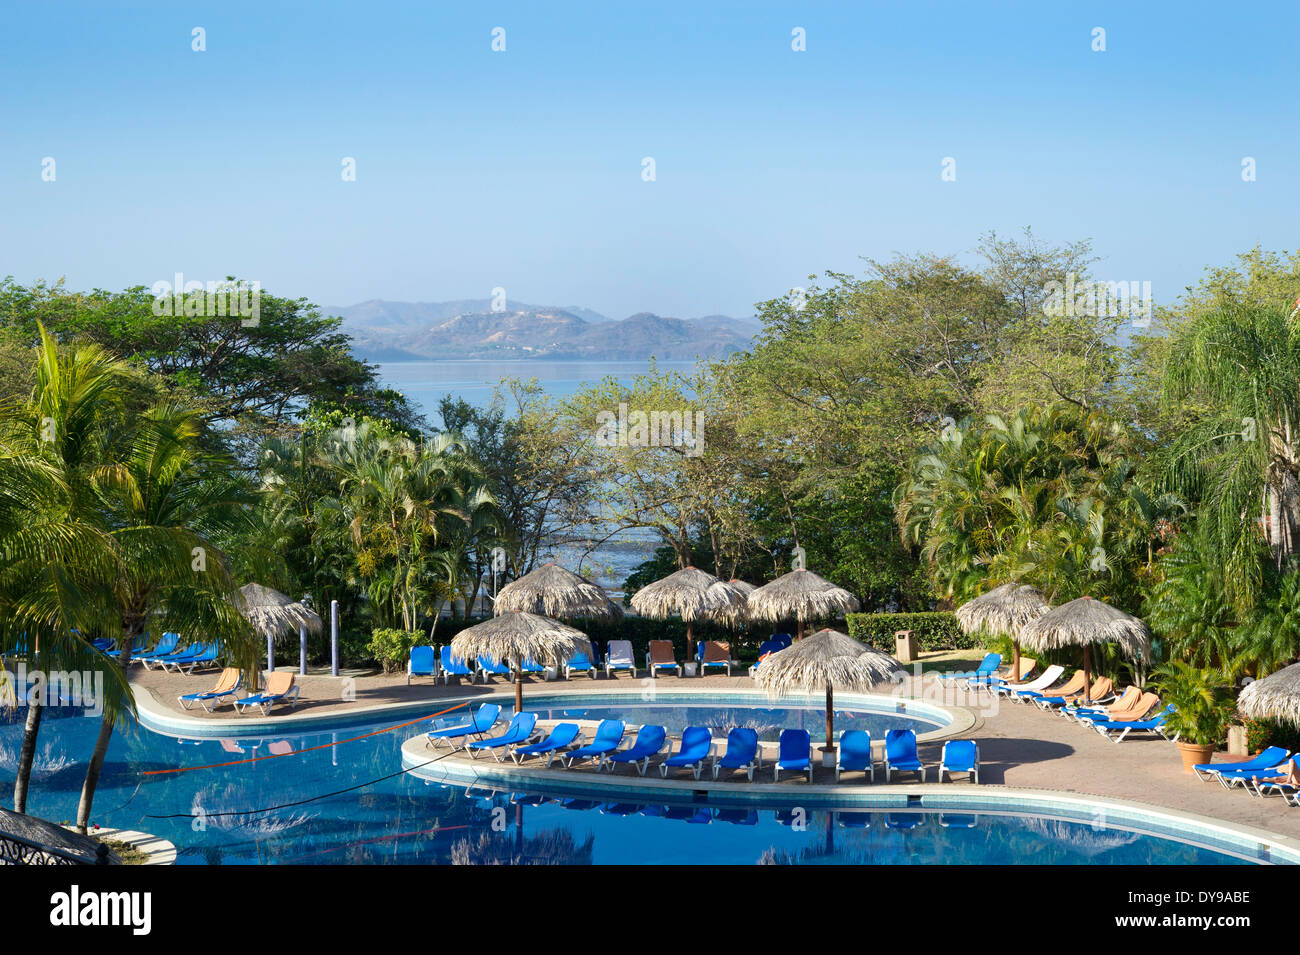 Allegro Papagayo all-inclusive resort near Liberia, Costa Rico - Stock Image